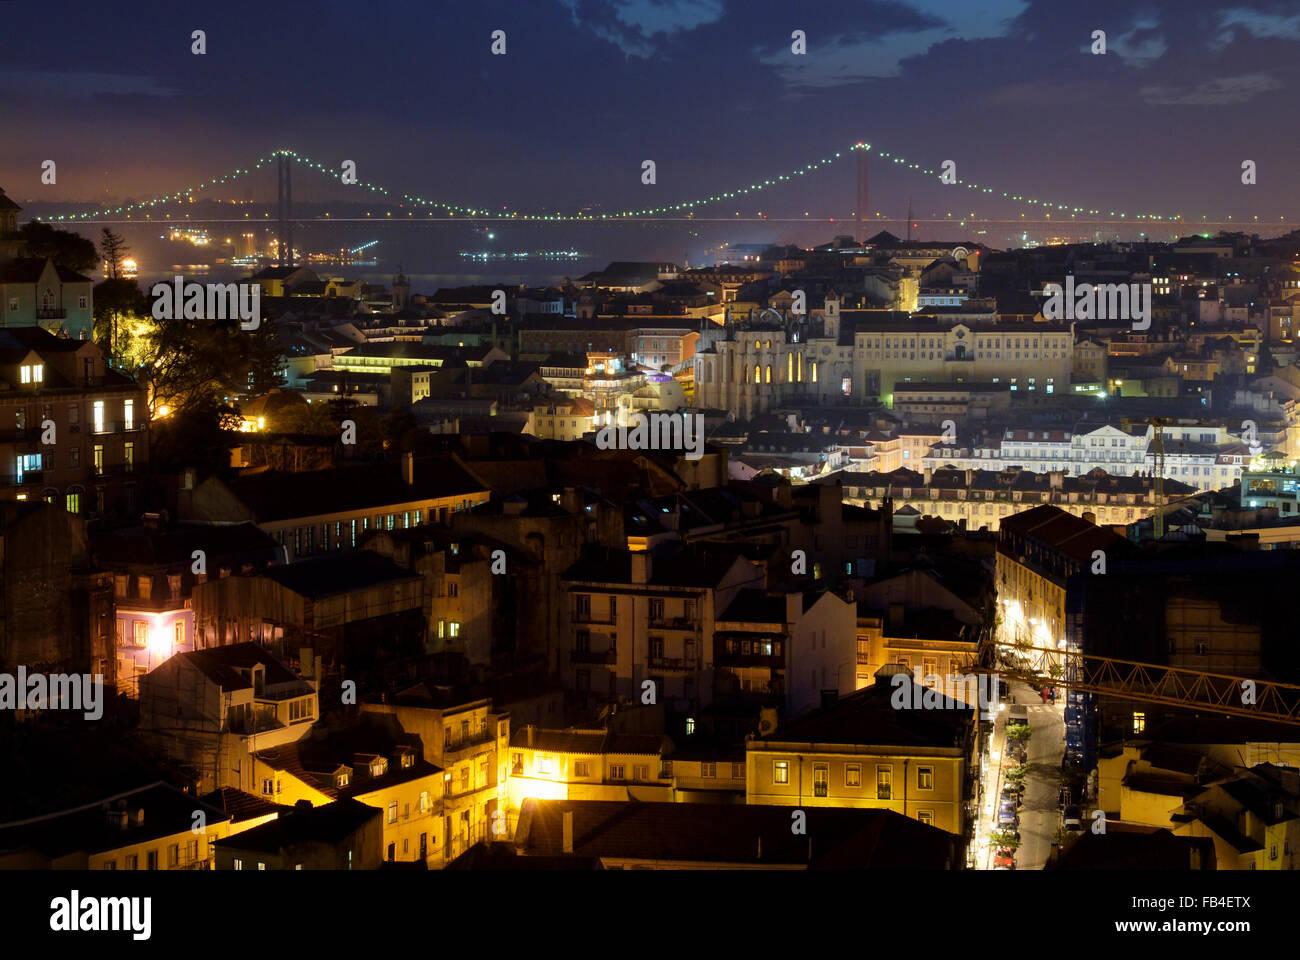 Il Ponte 25 de Abril, Convento do Carmo e Mouraria da Miradouro da Graca, Lisboa, Estremadura, Portogallo Immagini Stock